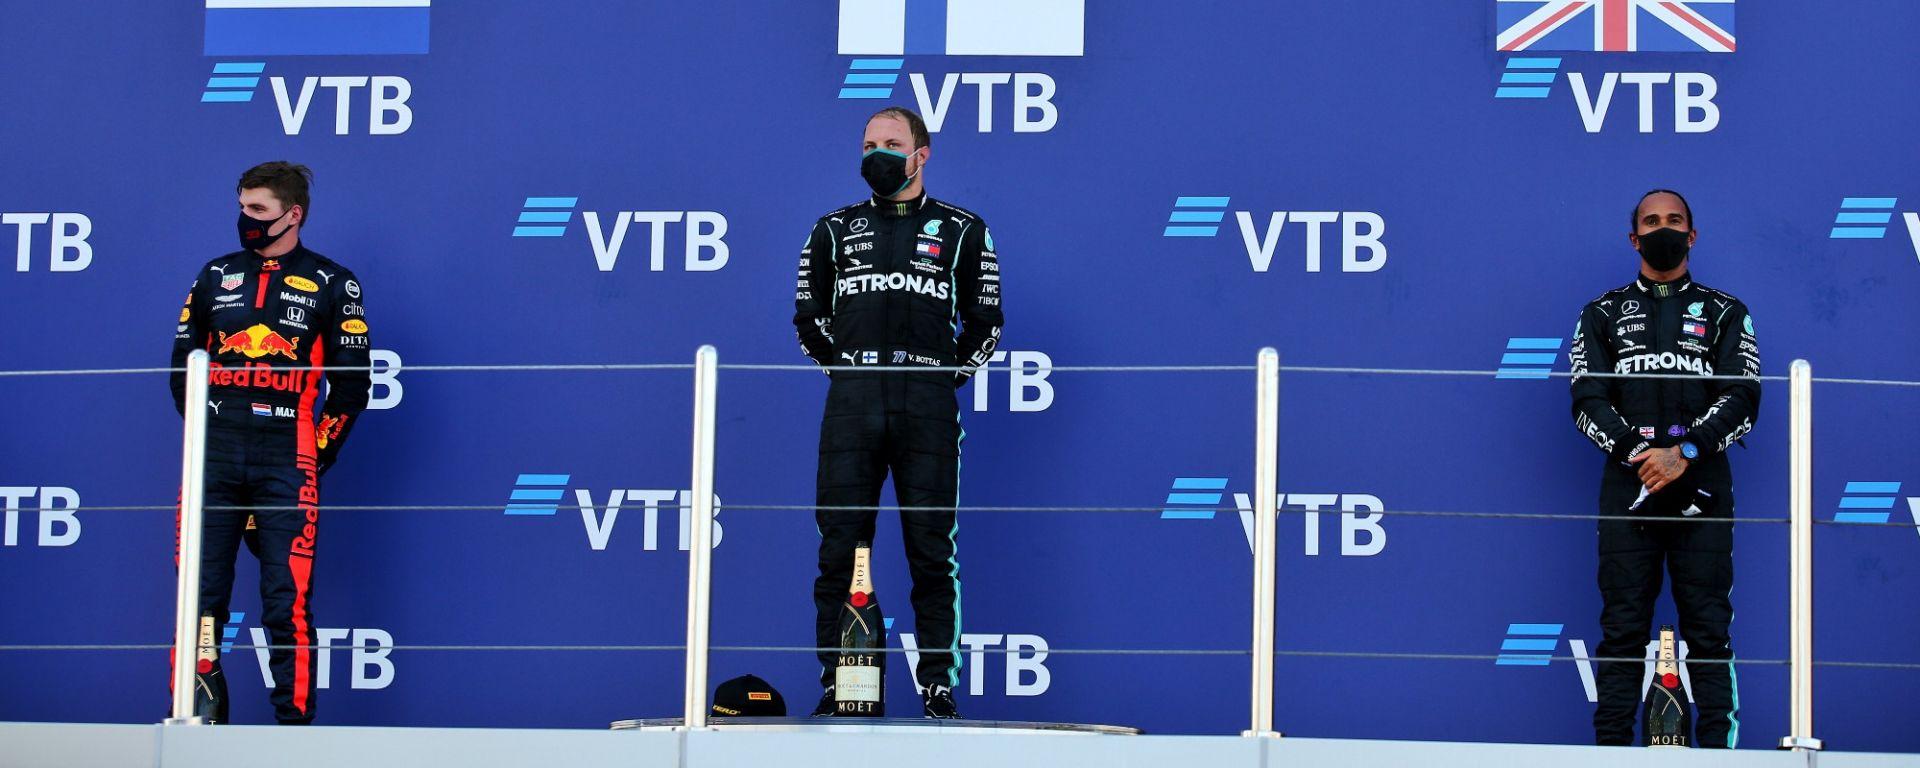 GP Russia 2020, Sochi: il podio con Bottas e Hamilton (Mercedes), e Verstappen (Red Bull)